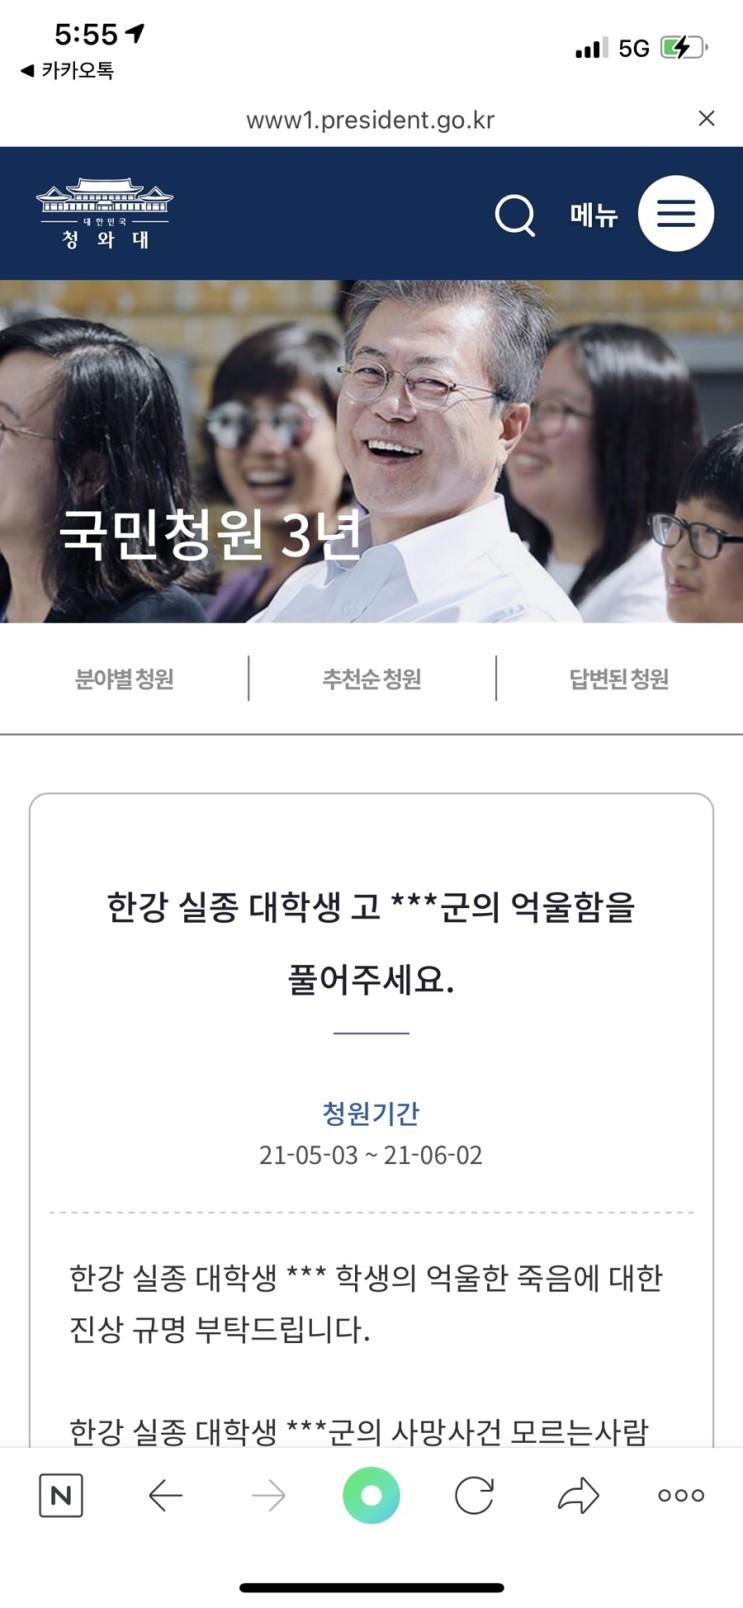 한강실종대학생 사건정리 아버지블로그 국민청원링크